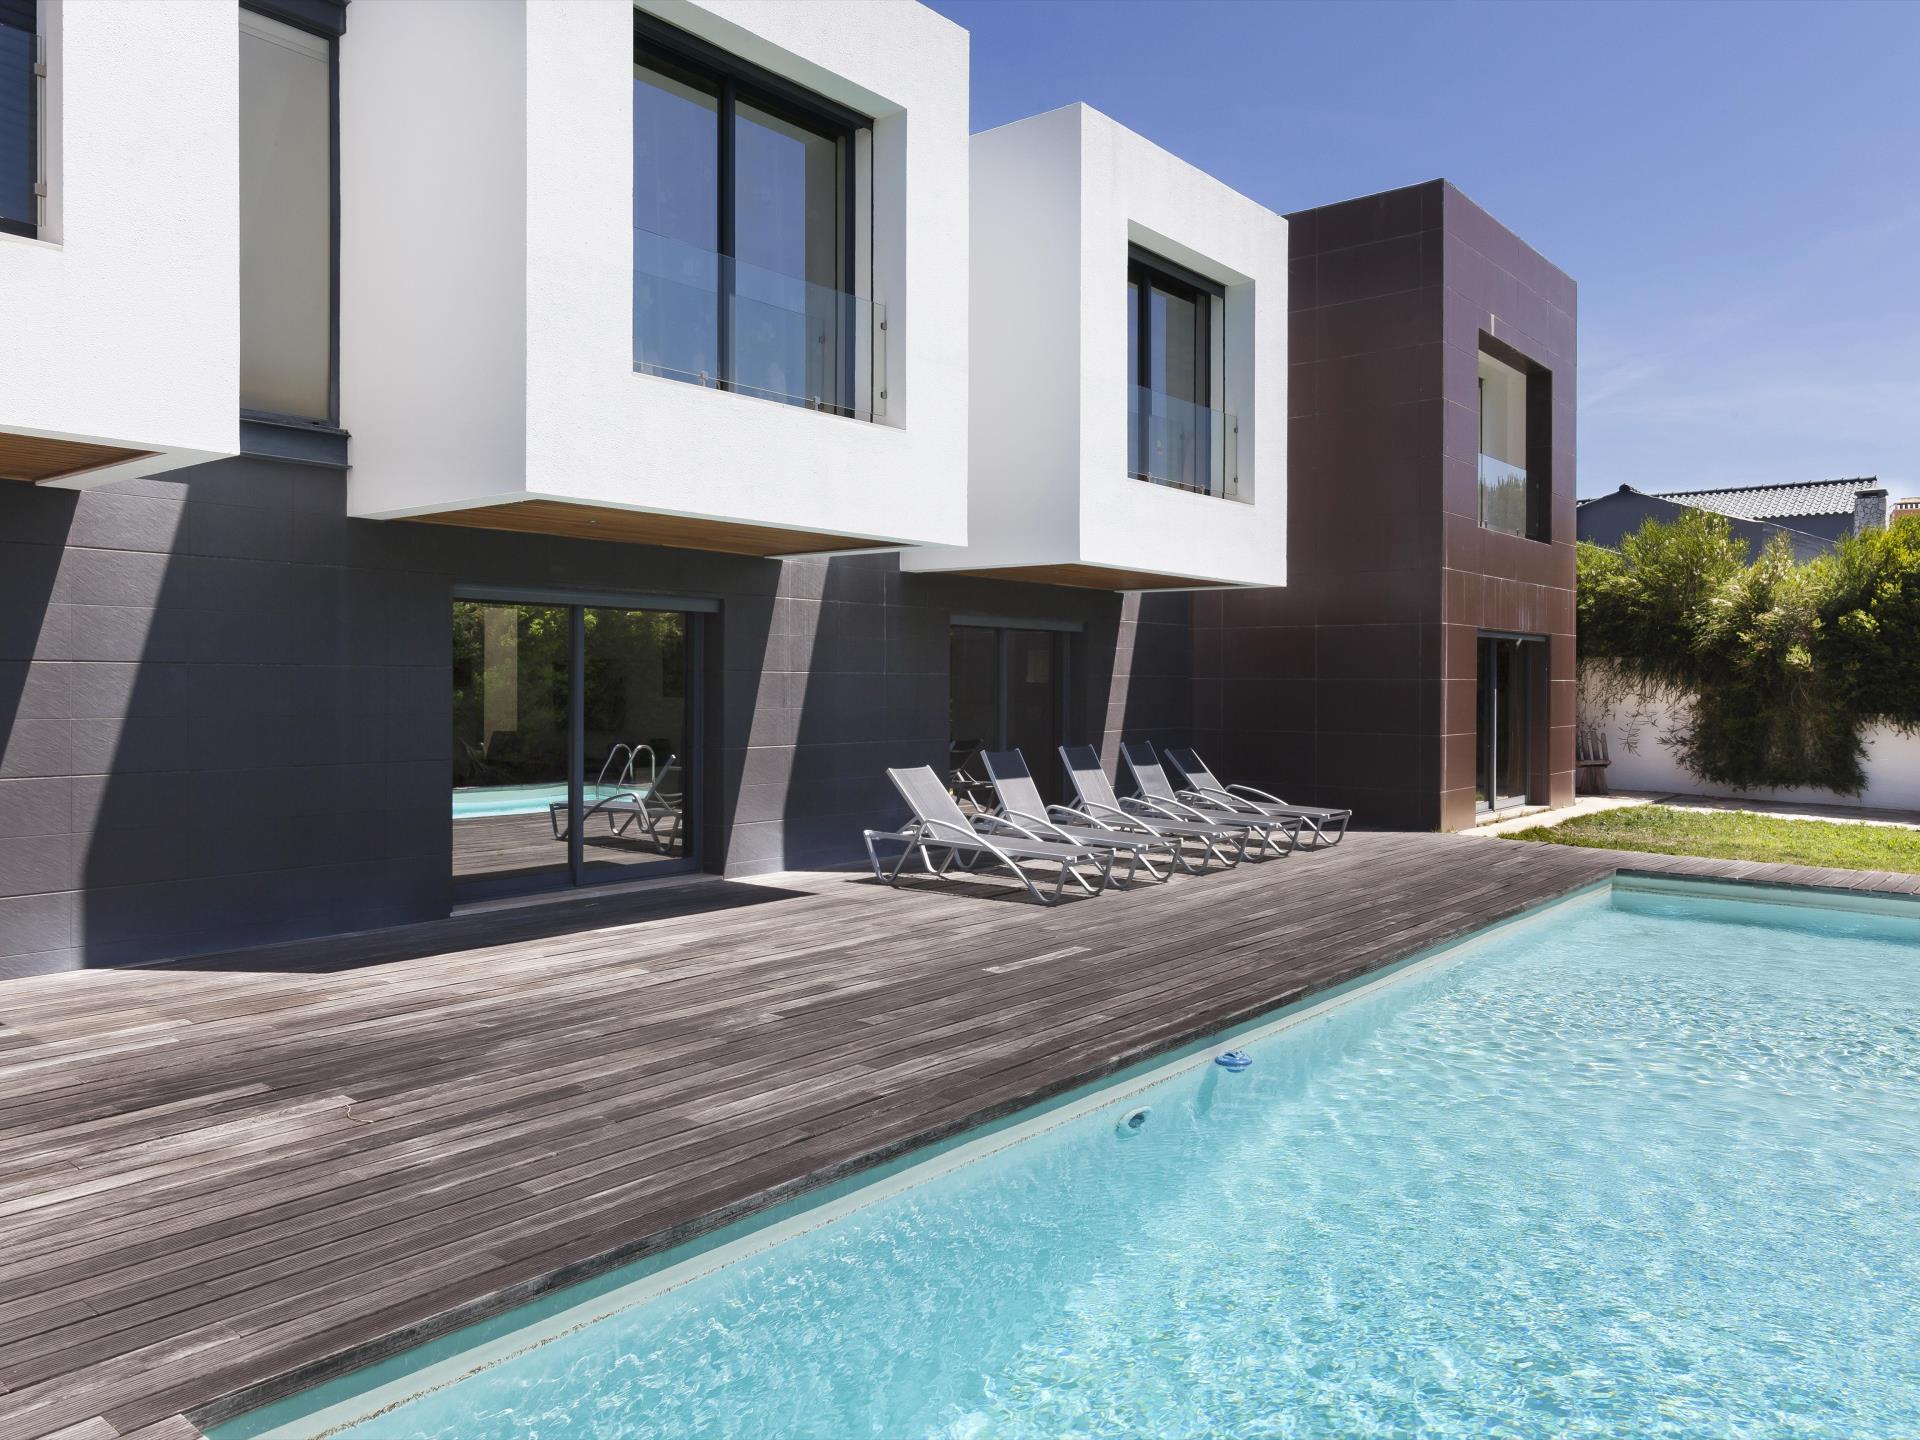 Maison unifamiliale pour l Vente à House, 4 bedrooms, for Sale Cascais, Lisbonne Portugal